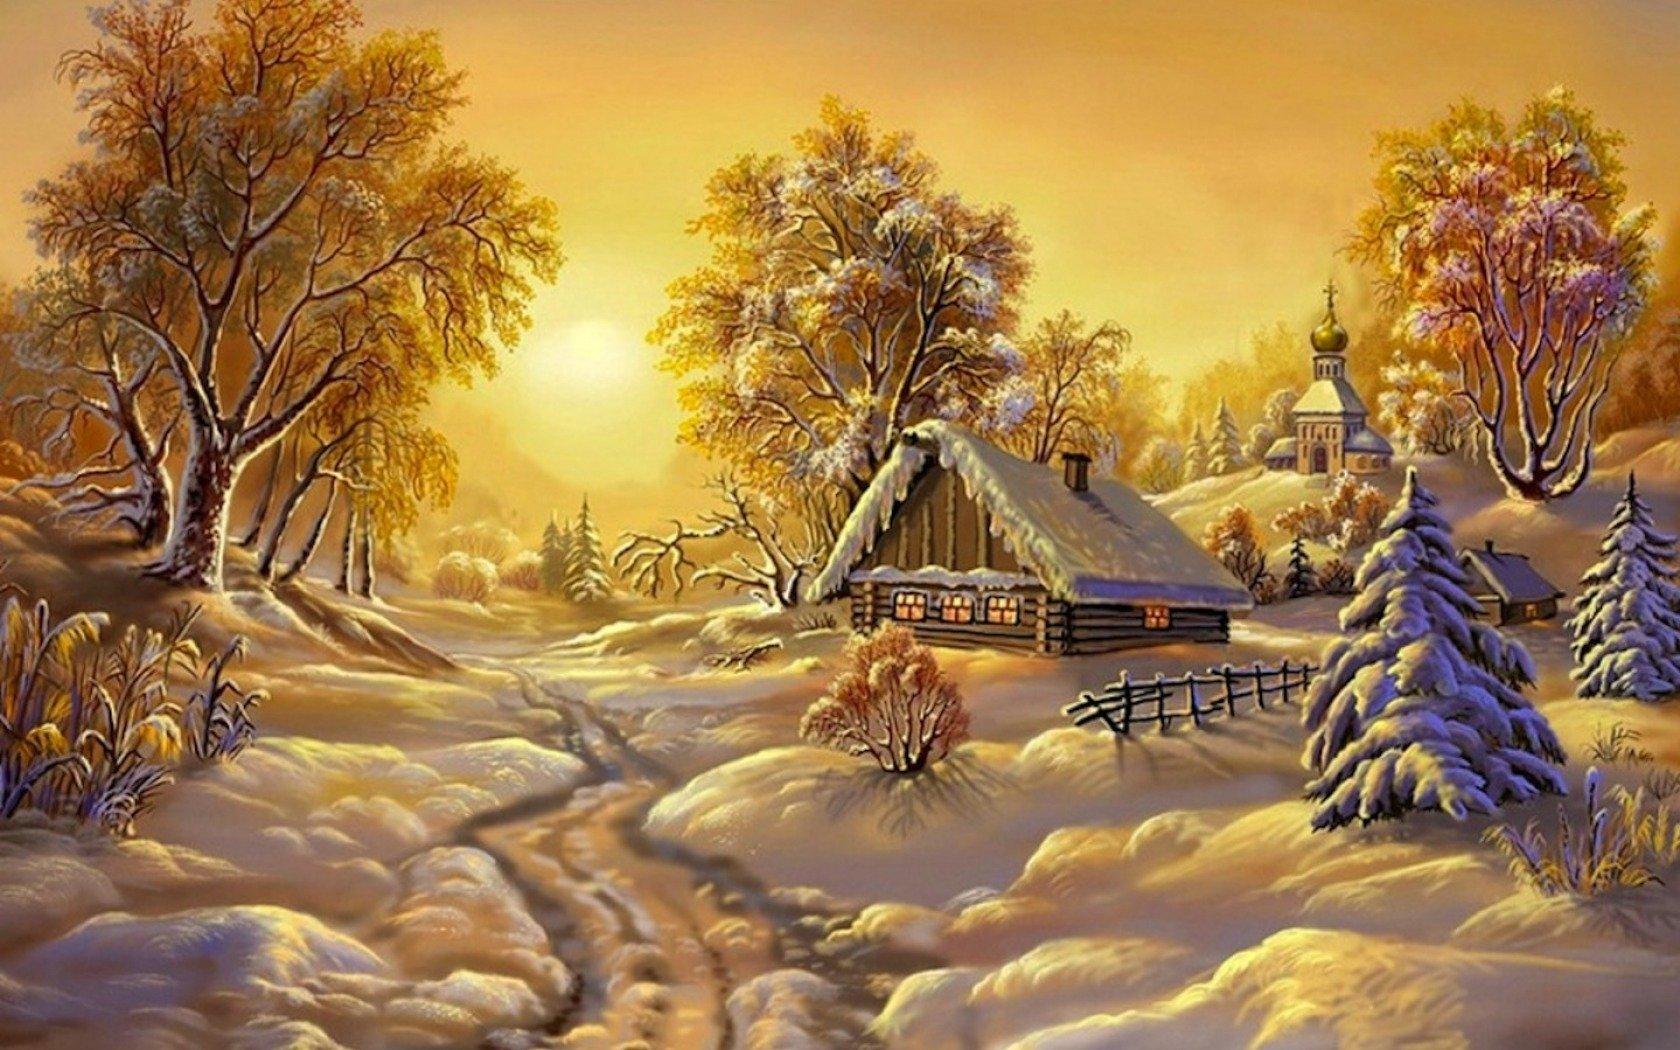 Зимний пейзаж на рабочий стол картинки